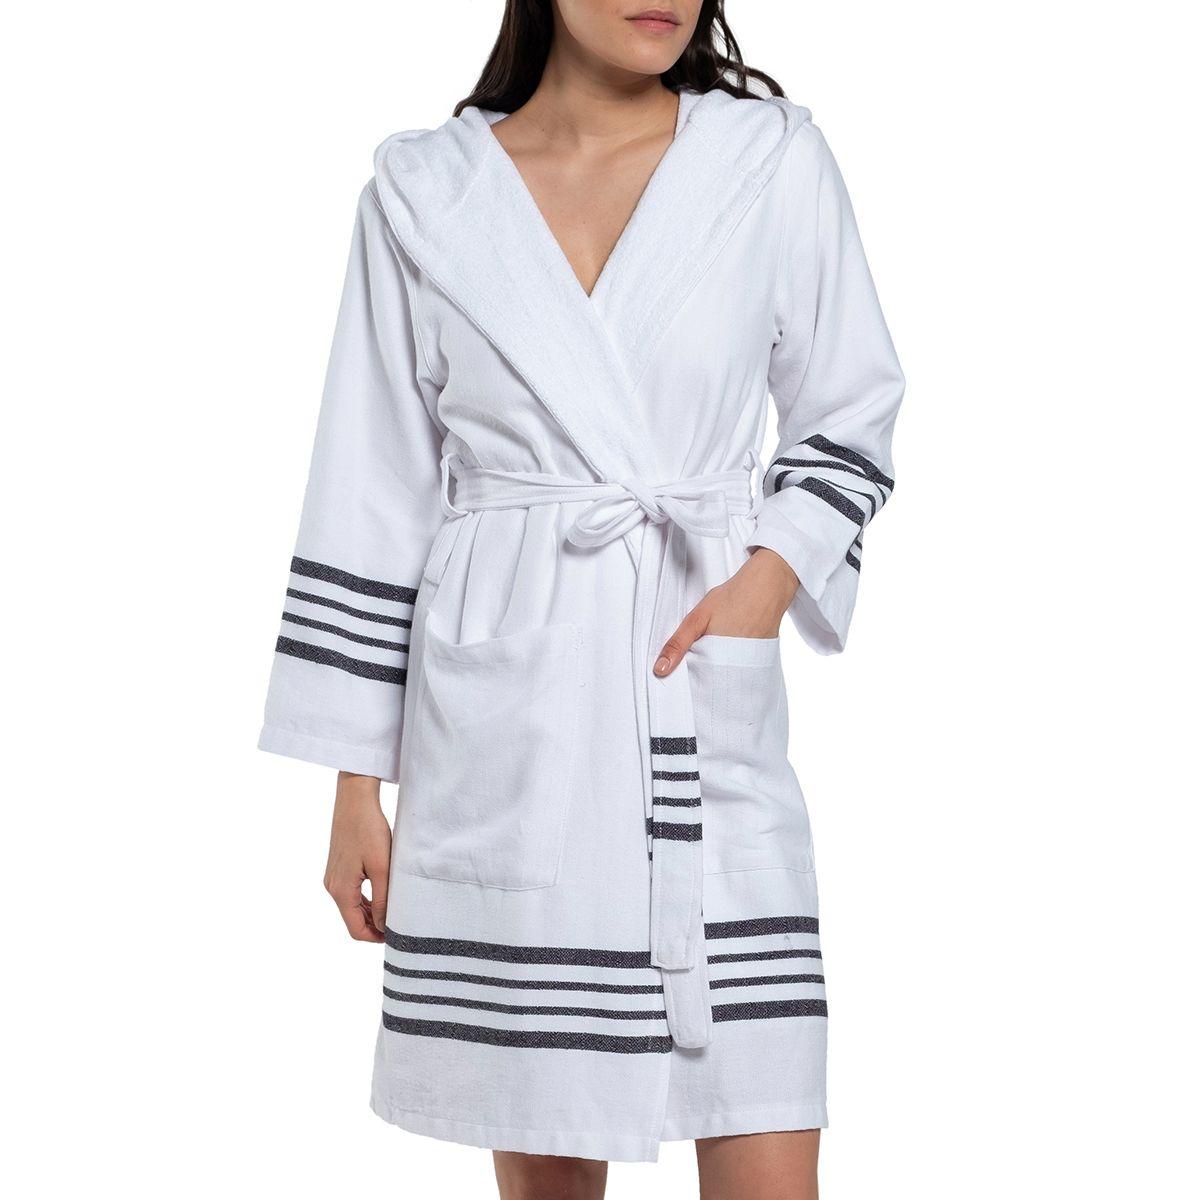 Bathrobe White Sultan with hood & terry - Black Stripes